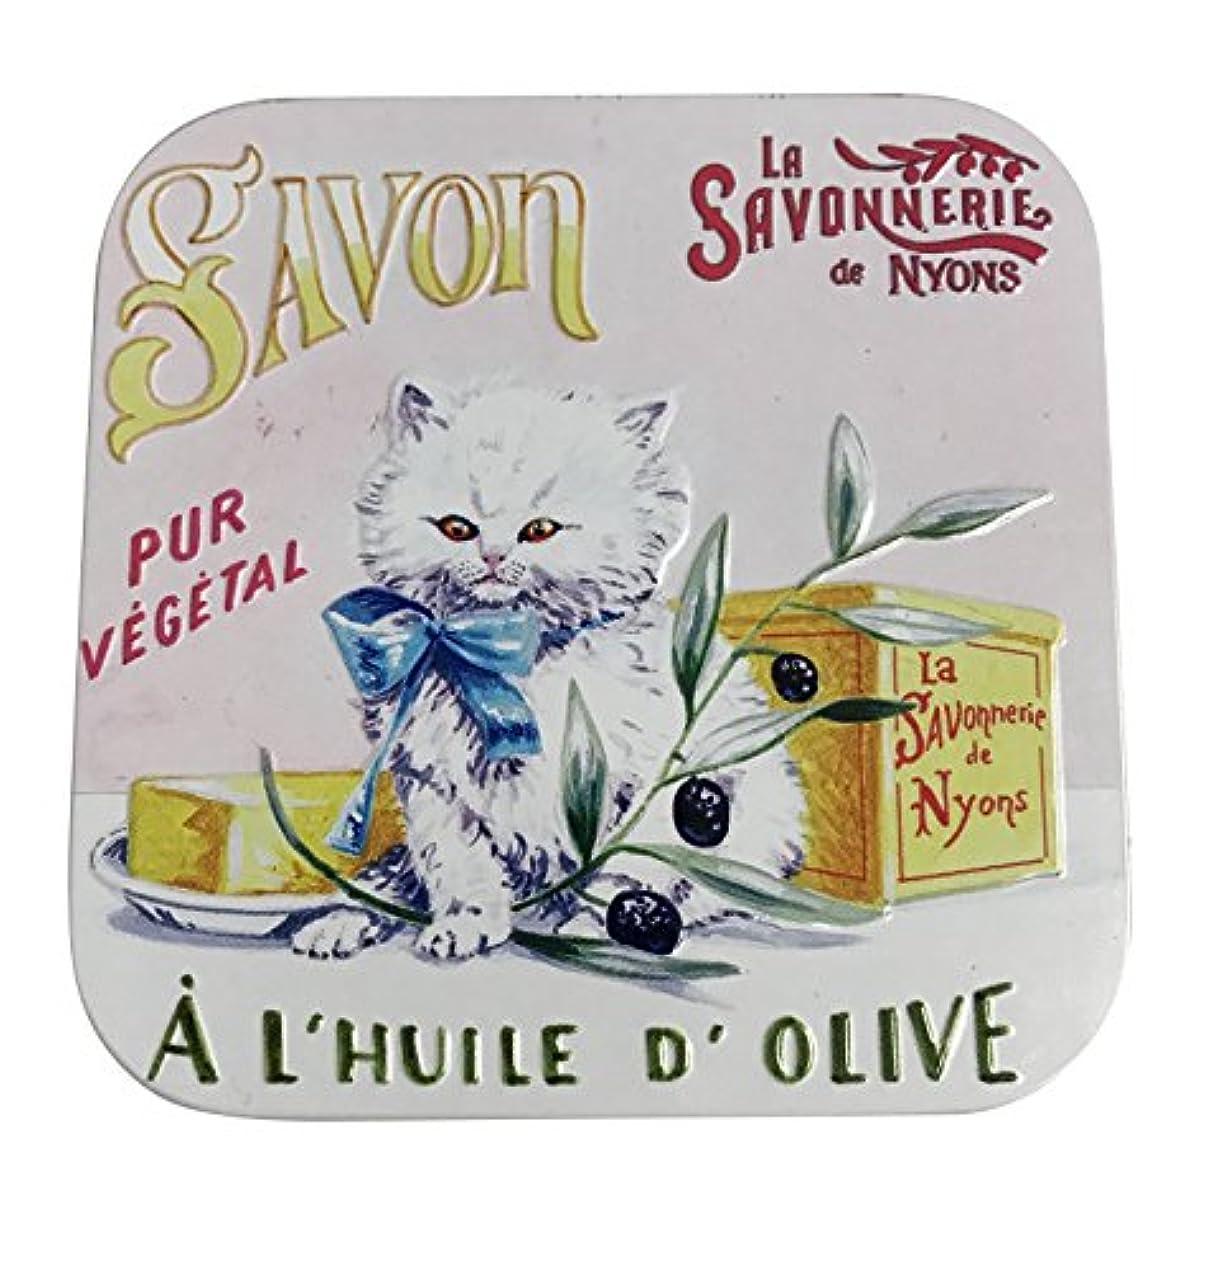 問題持っている株式会社ラ?サボネリー アンティーク缶入り石鹸 タイプ100 ペルシャ子猫(コットンフラワー)